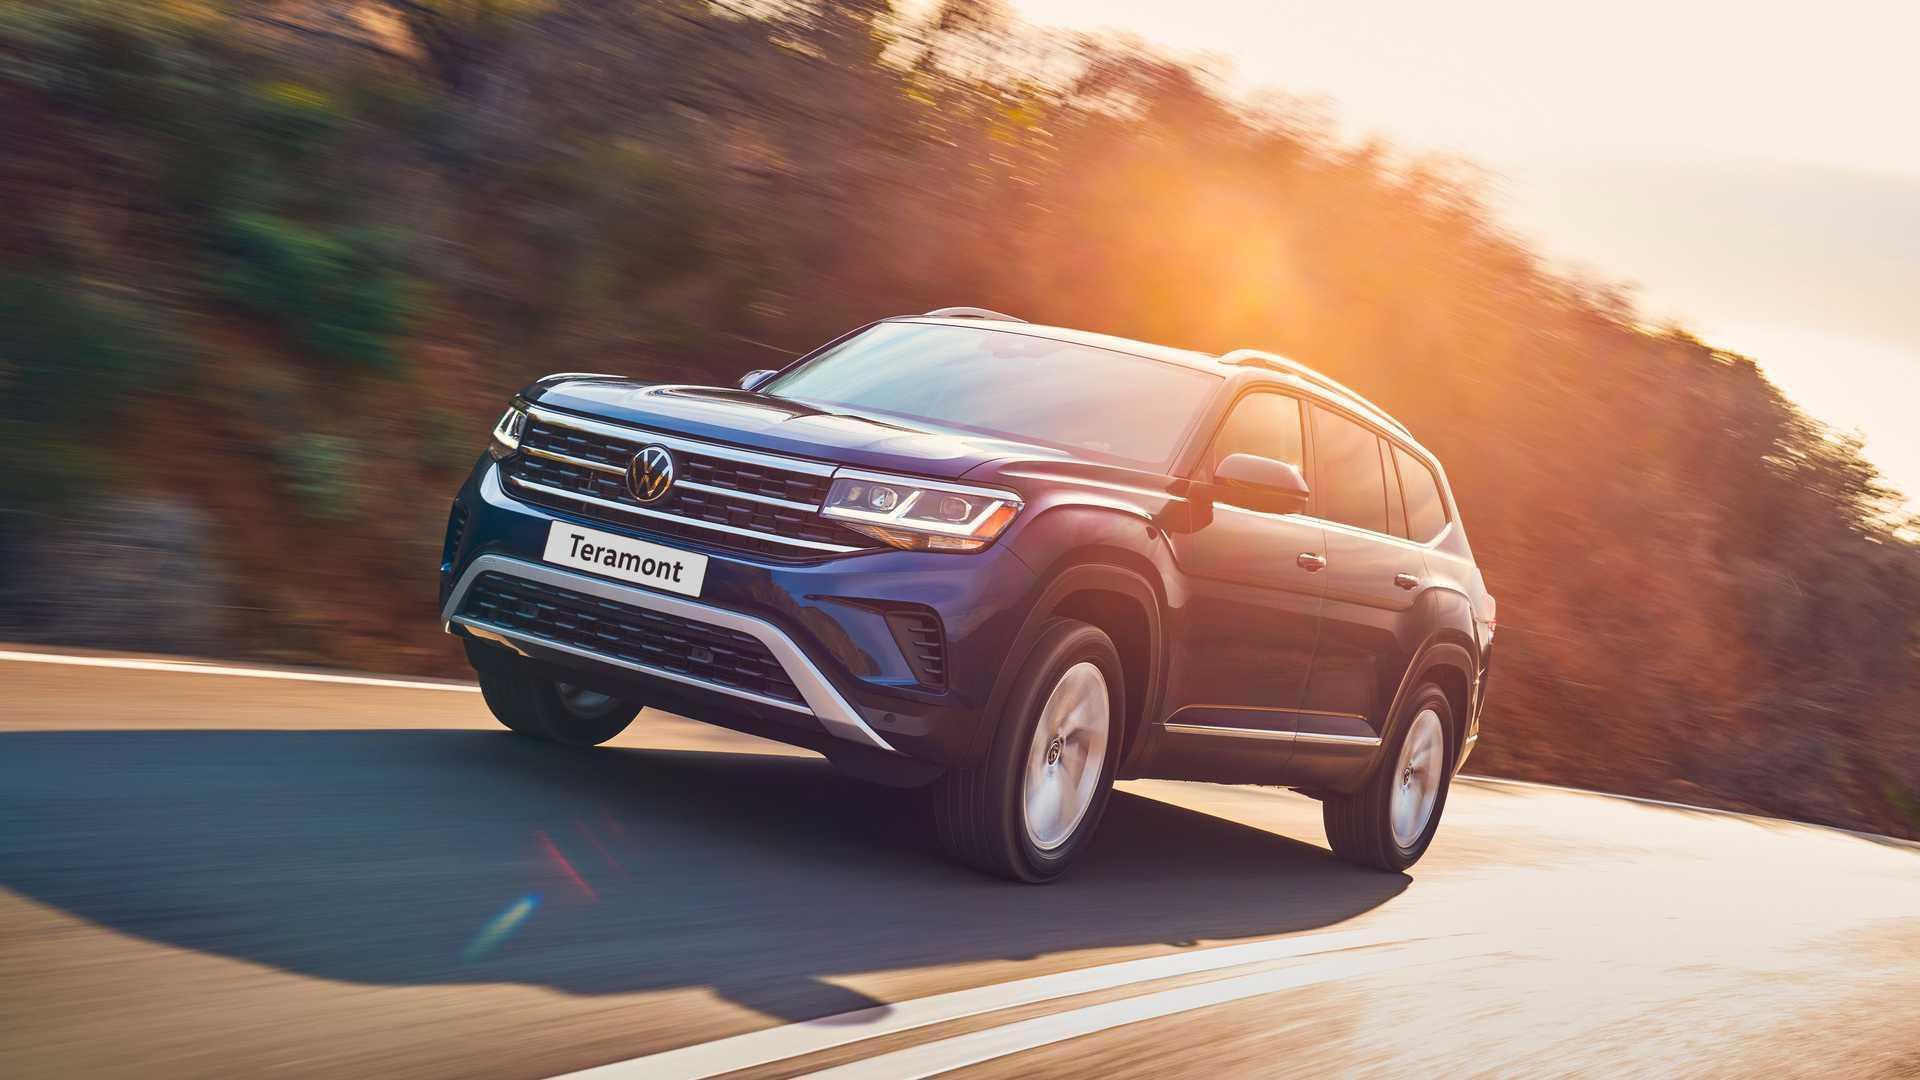 Volkswagen_Teramont_facelift_Euro-spec-0003